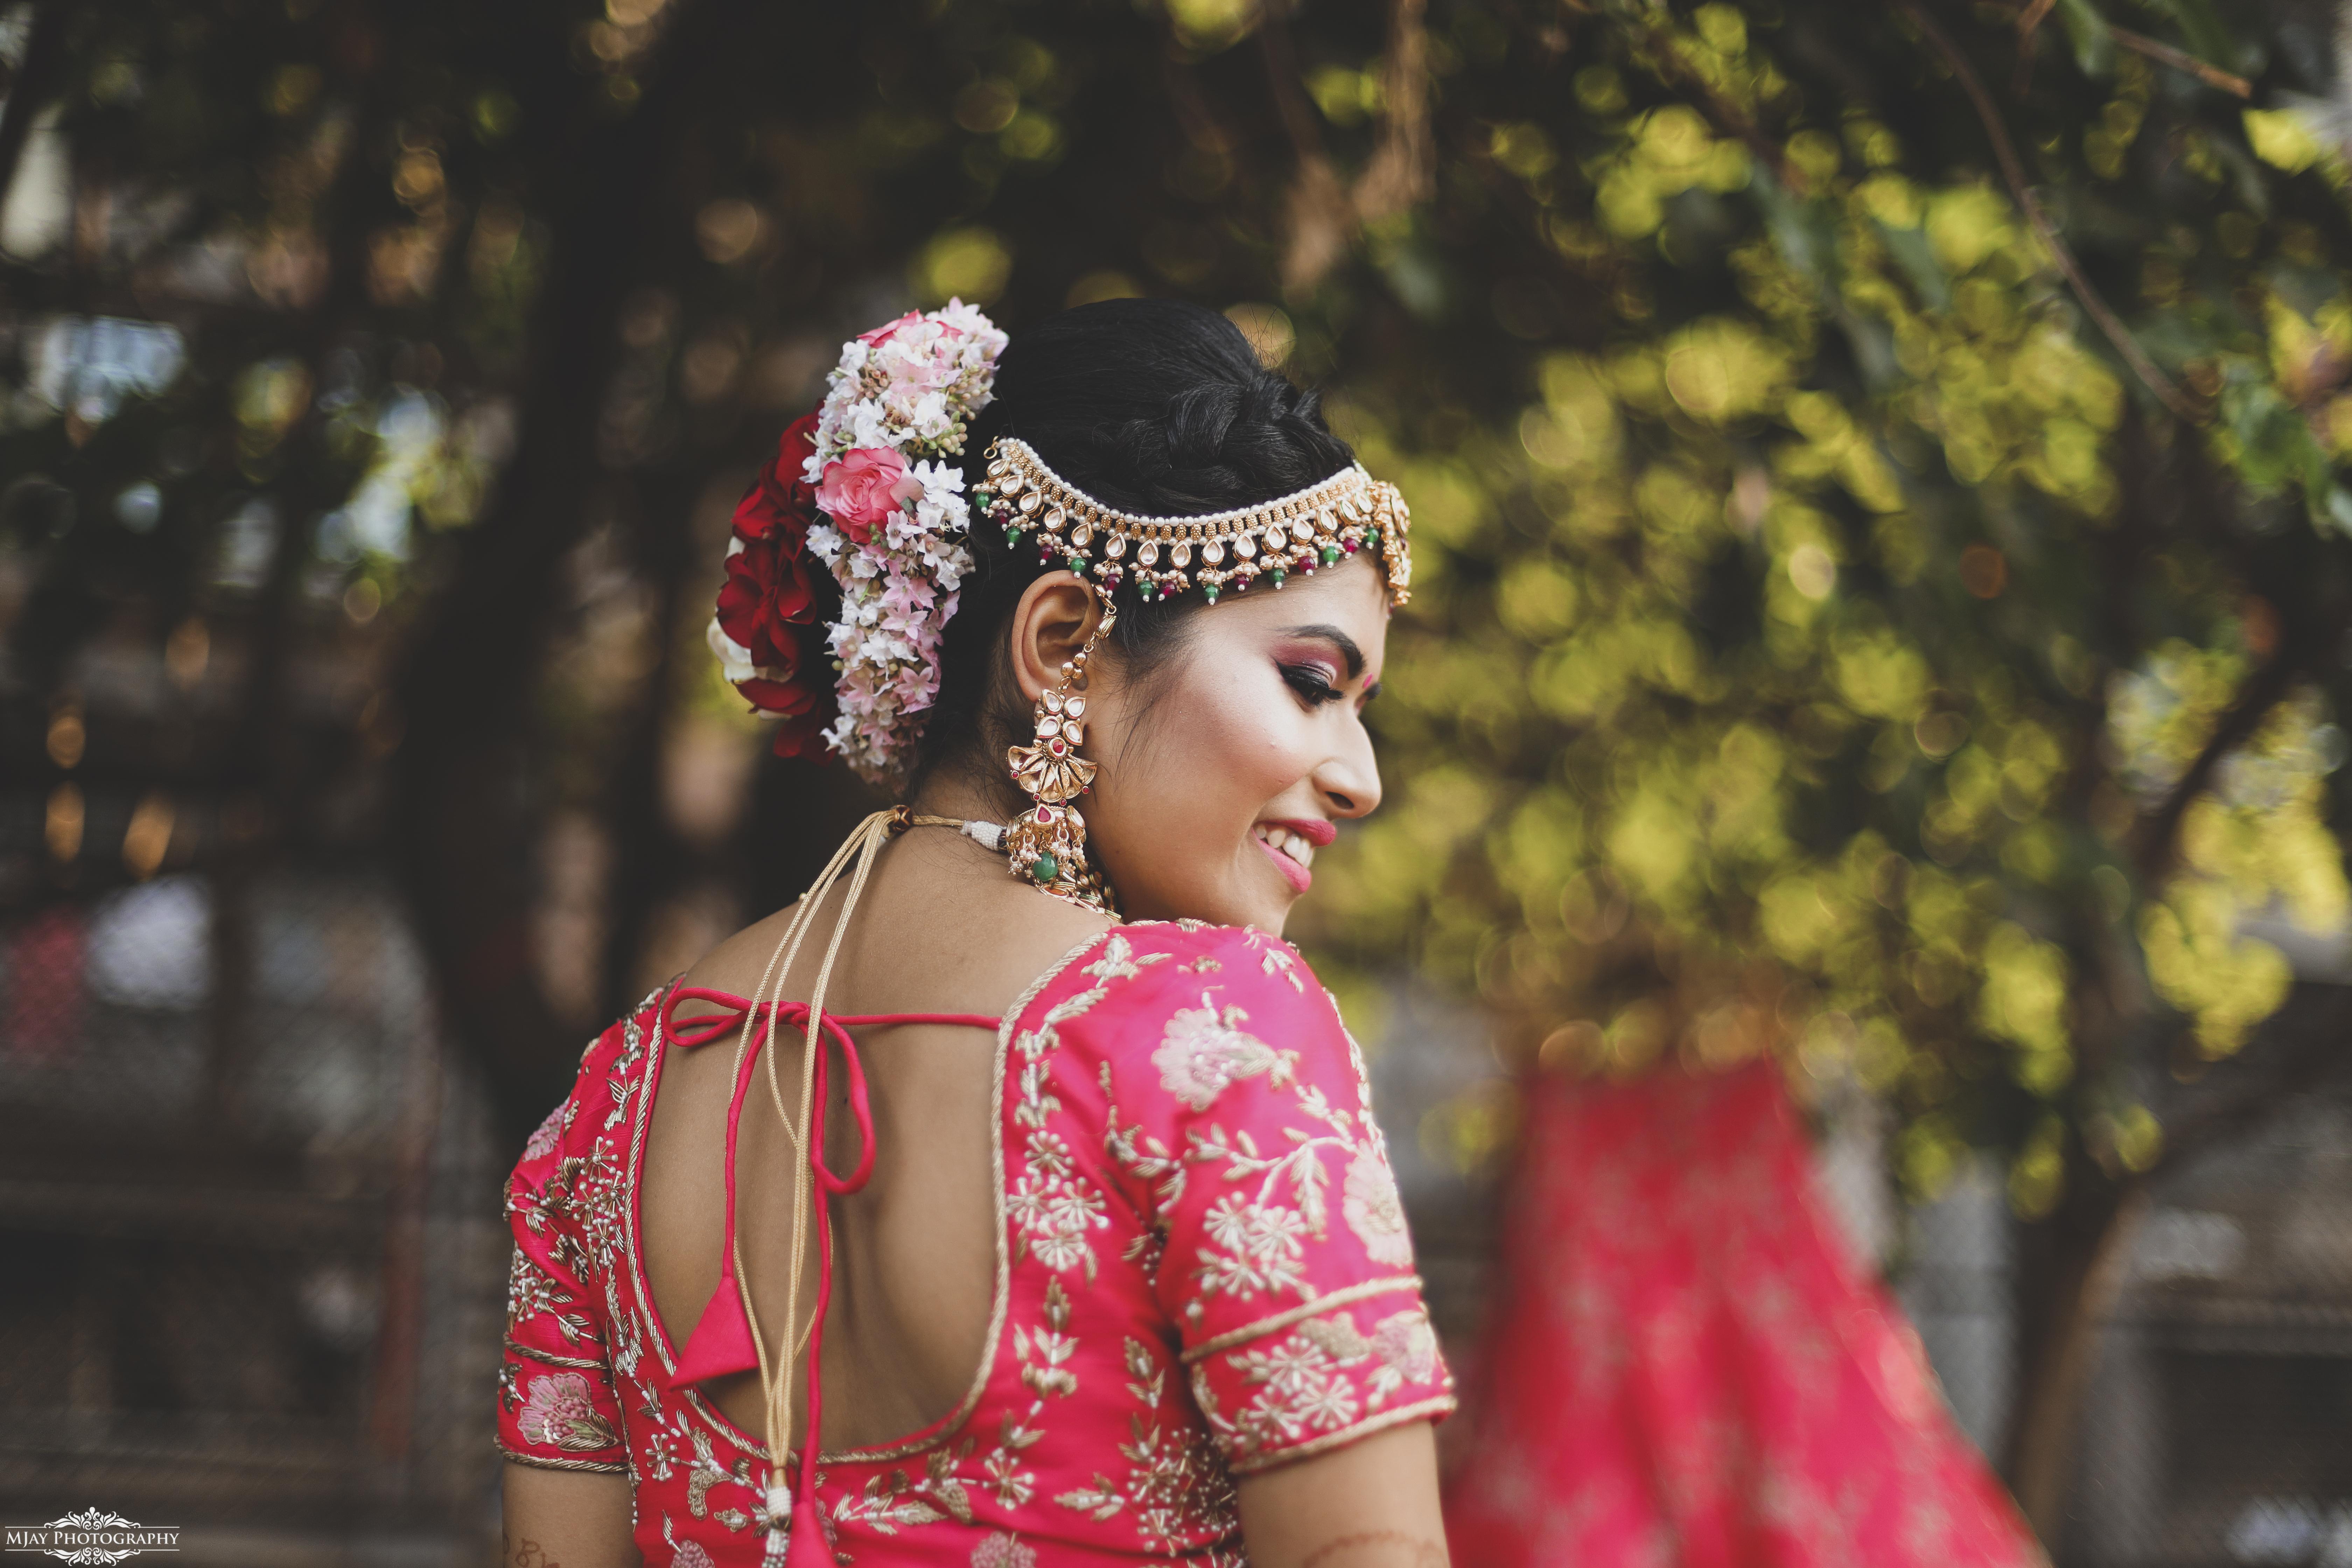 Indian Bride in Pink Bridal Lehenga